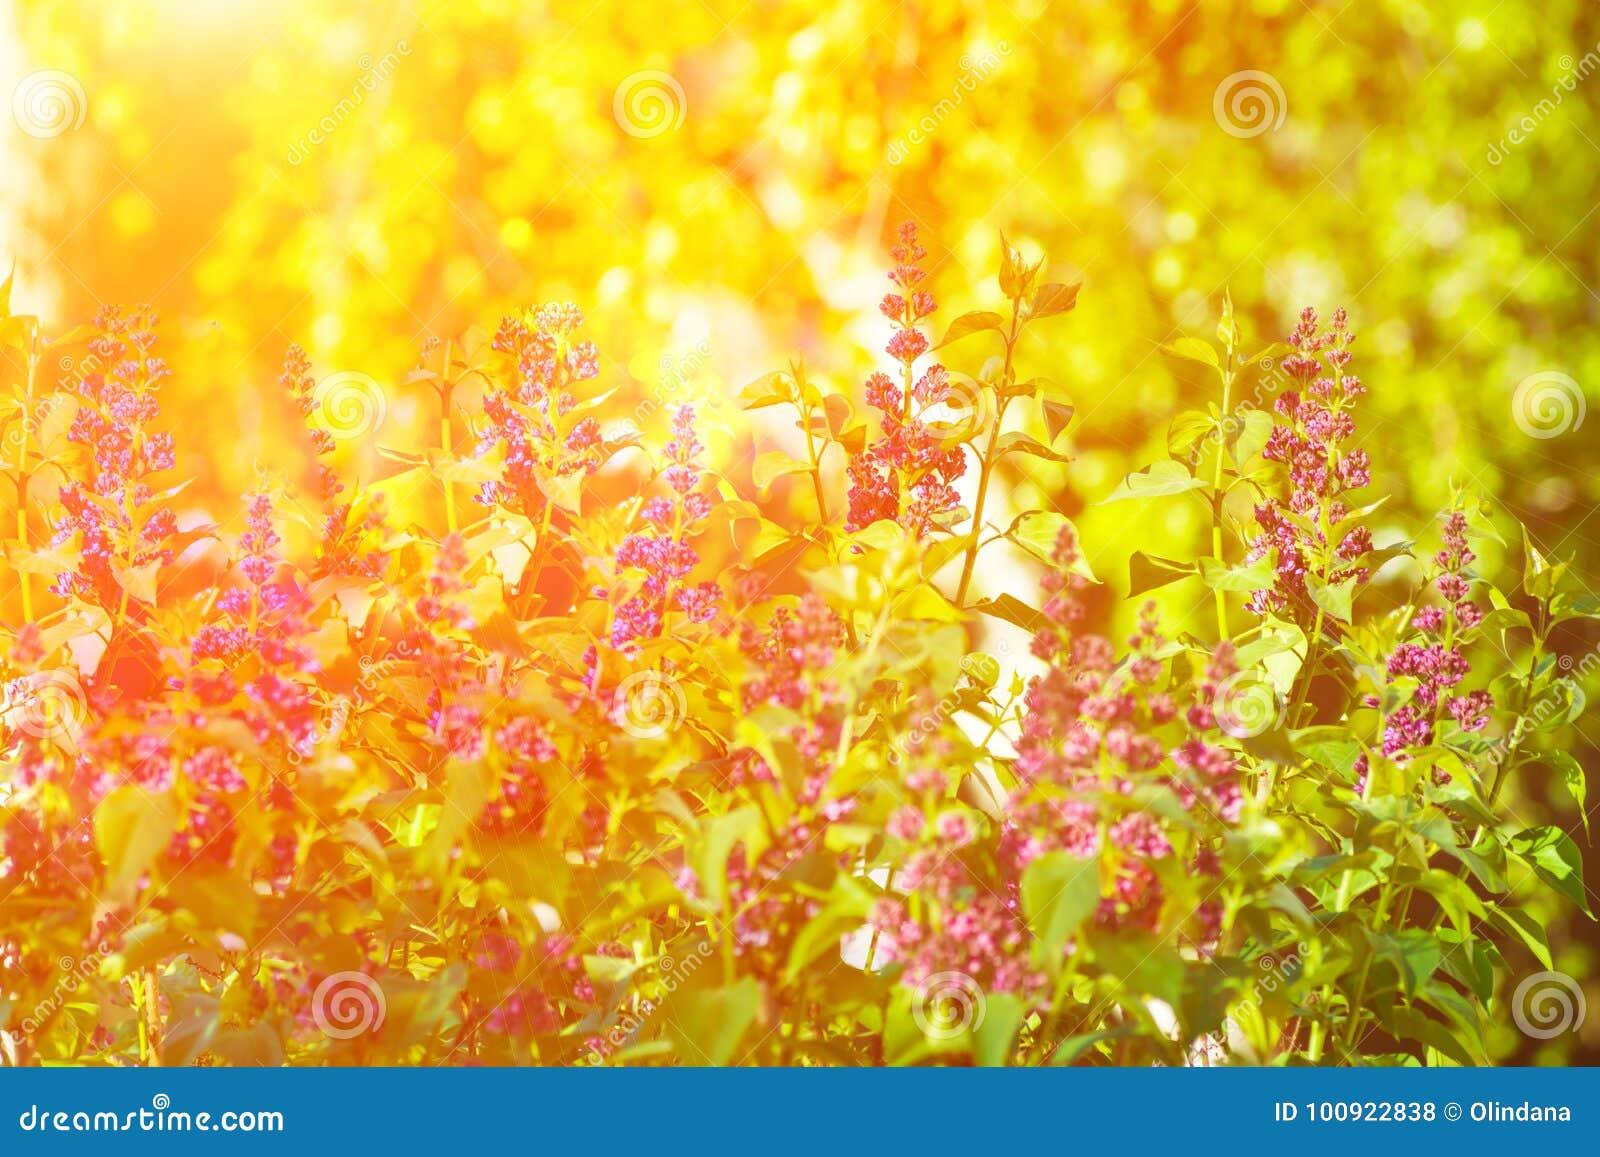 Lily Bush w wiosny lata czasu pięknych purpurach Kwitnie gałązki ulistnienia Wibrującego Zielonego Złotego światła słonecznego La